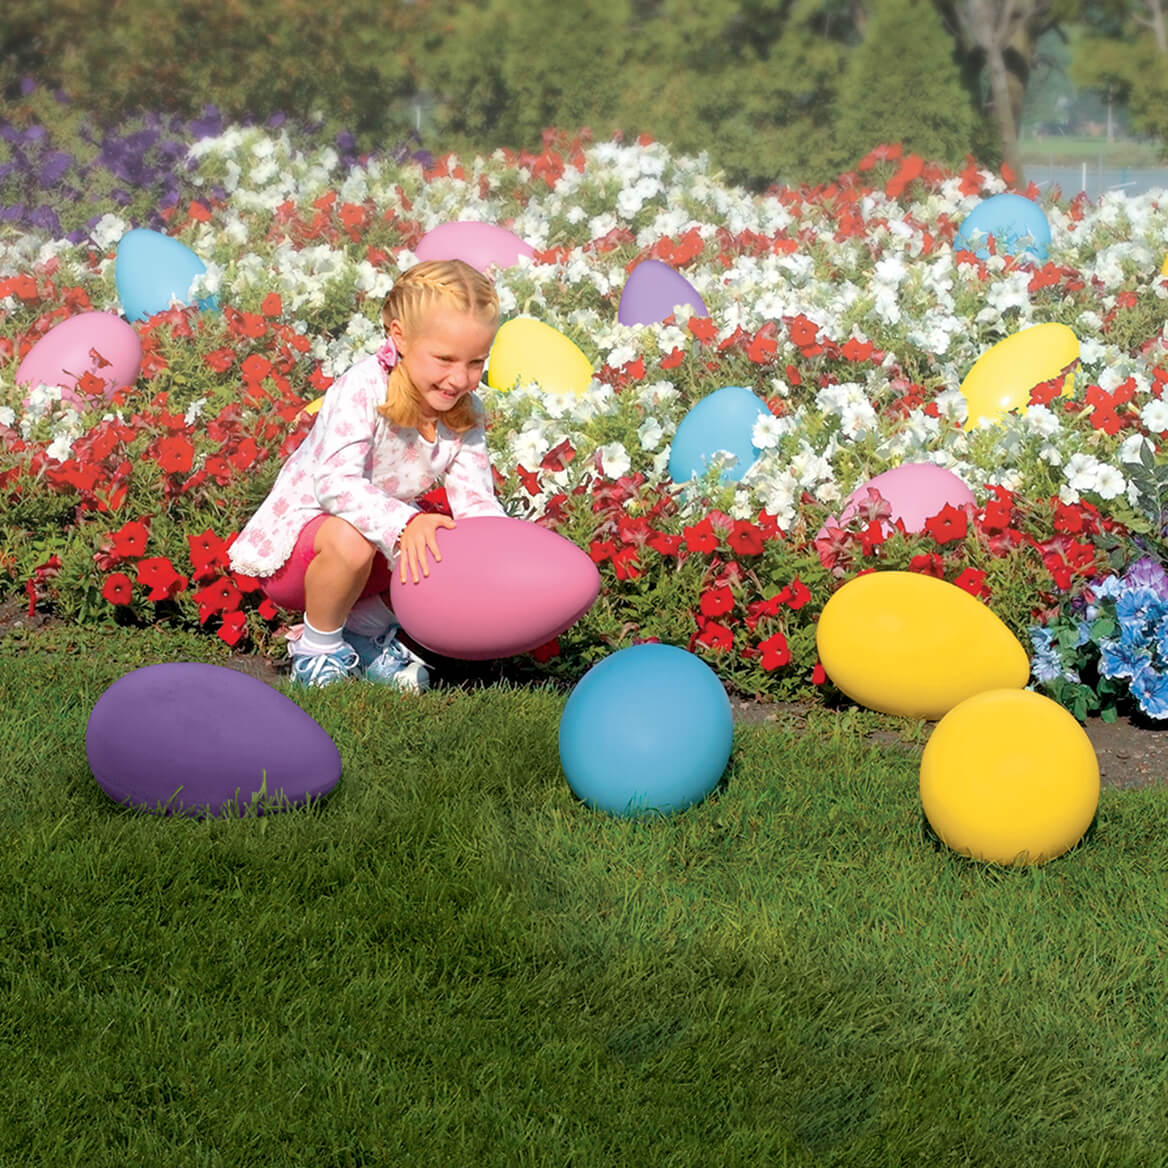 Giant Plastic Egg